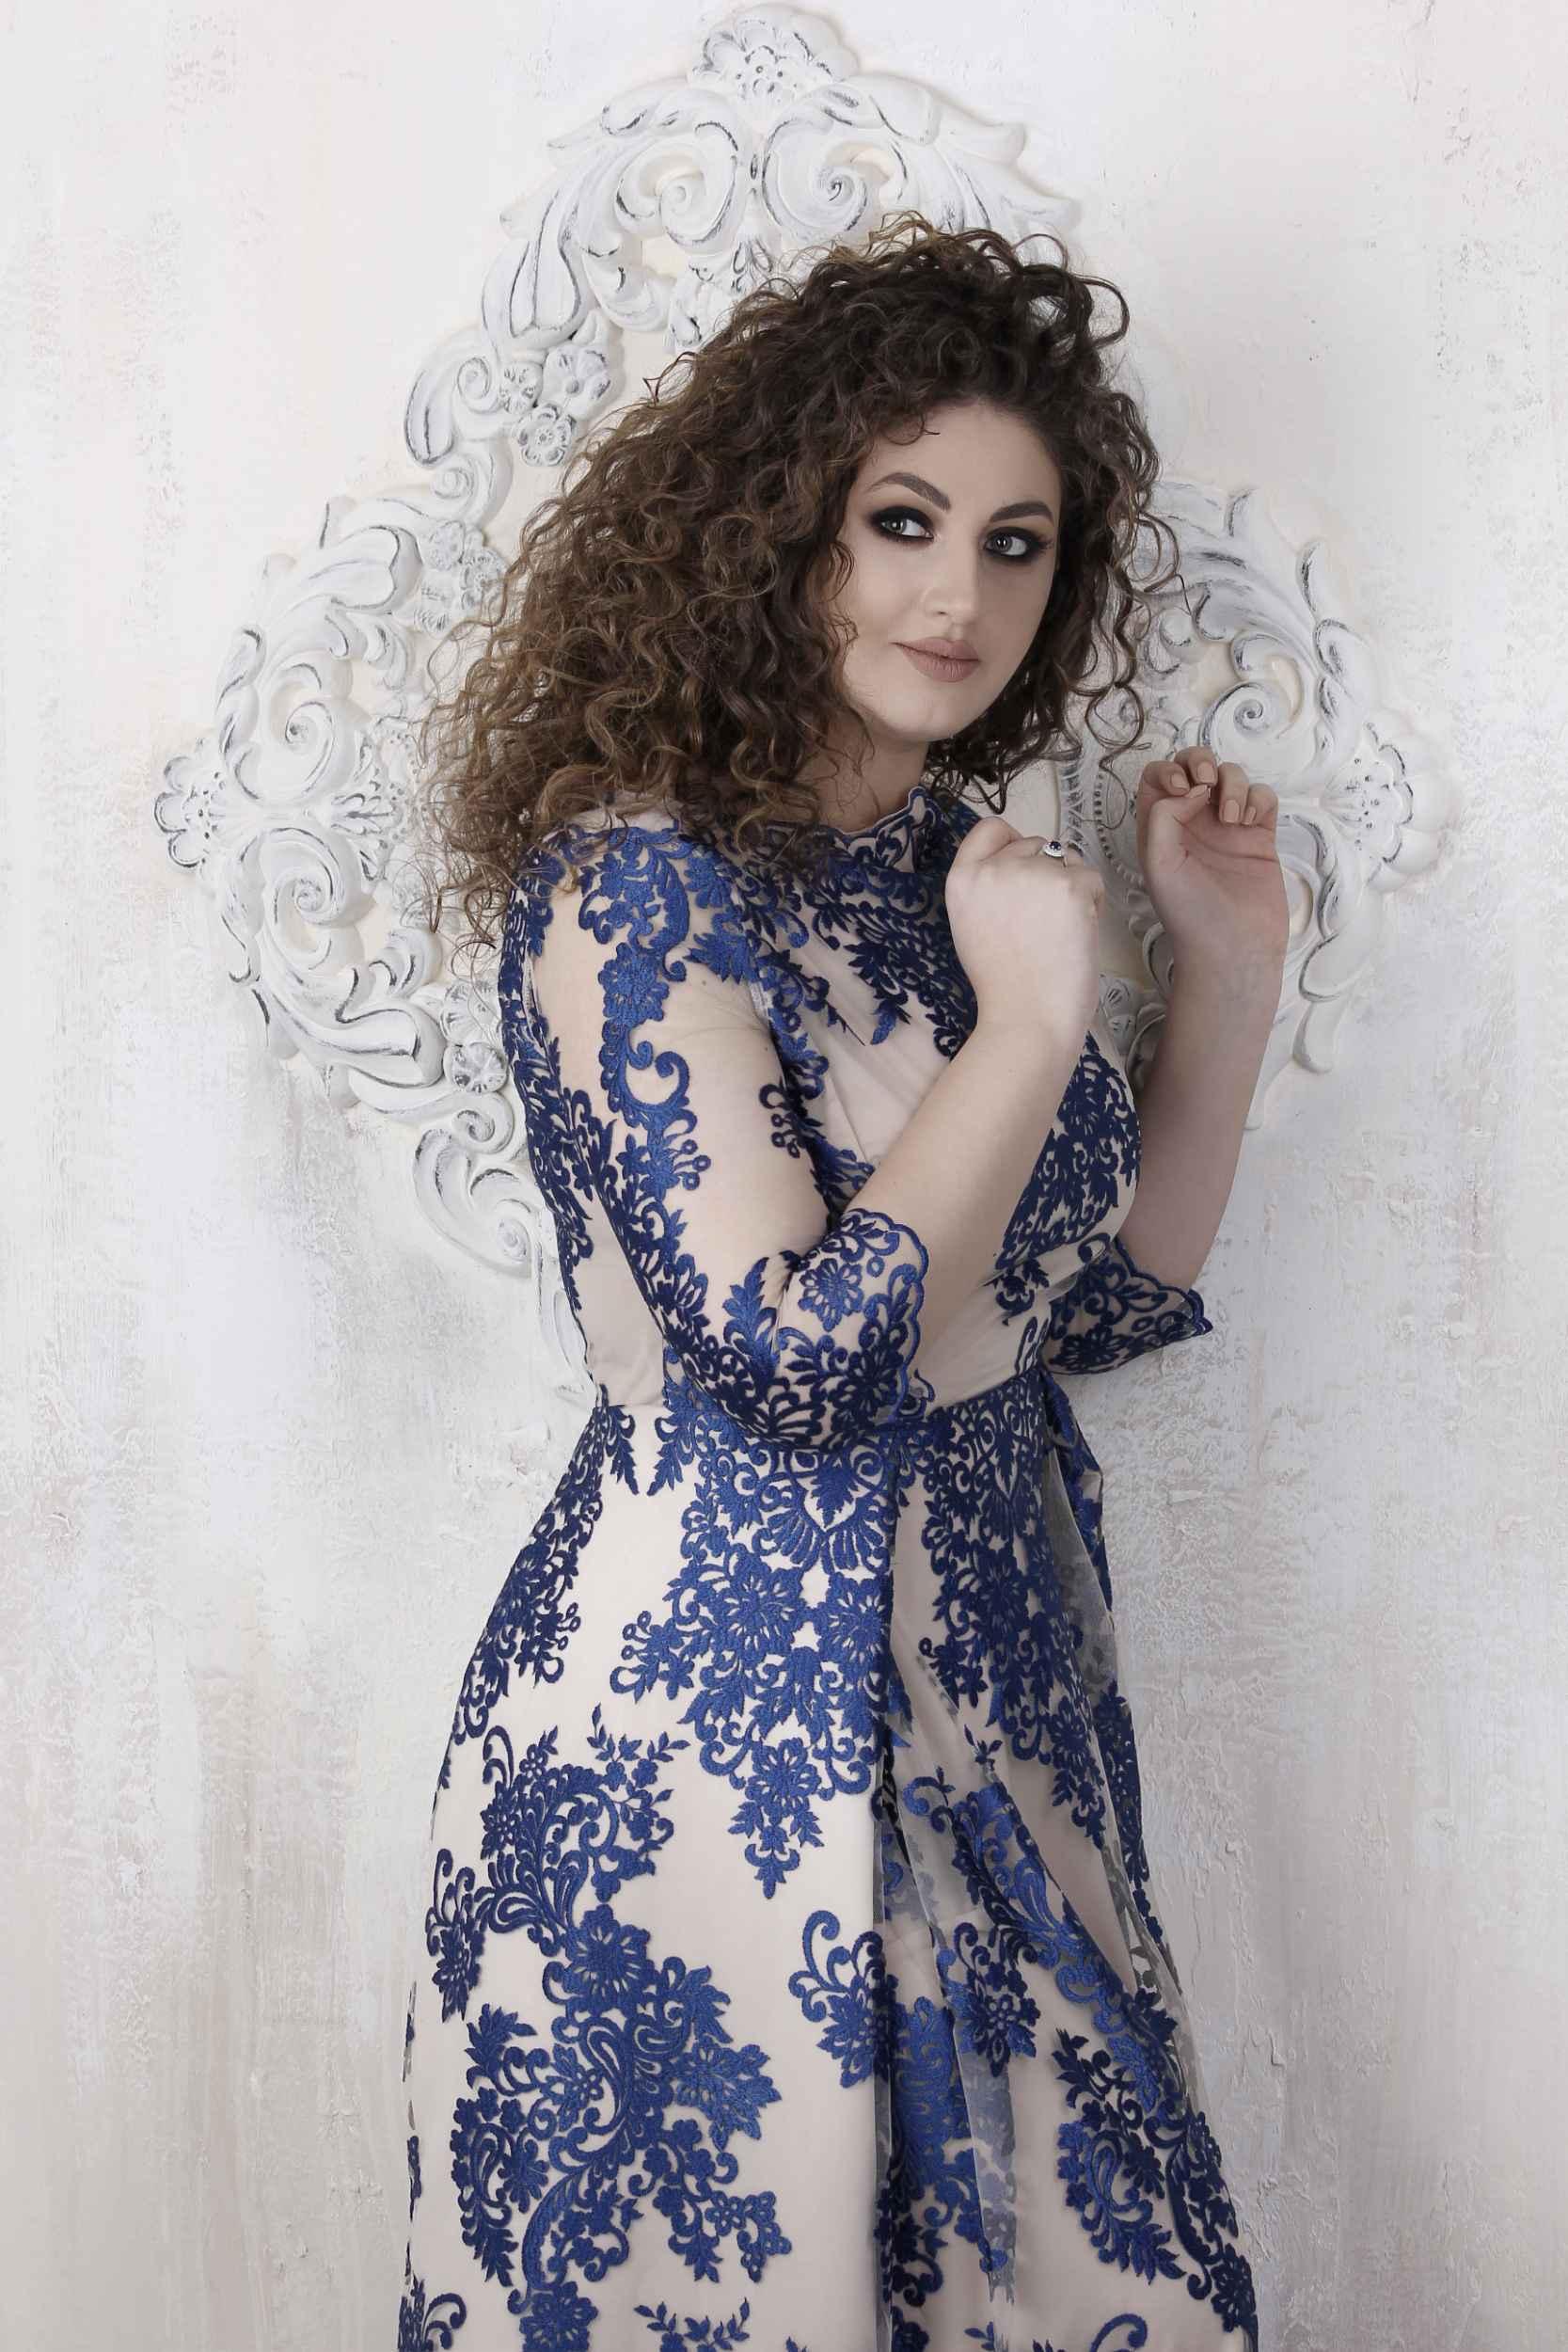 Anush Hovhannisyan - Picture nr #13